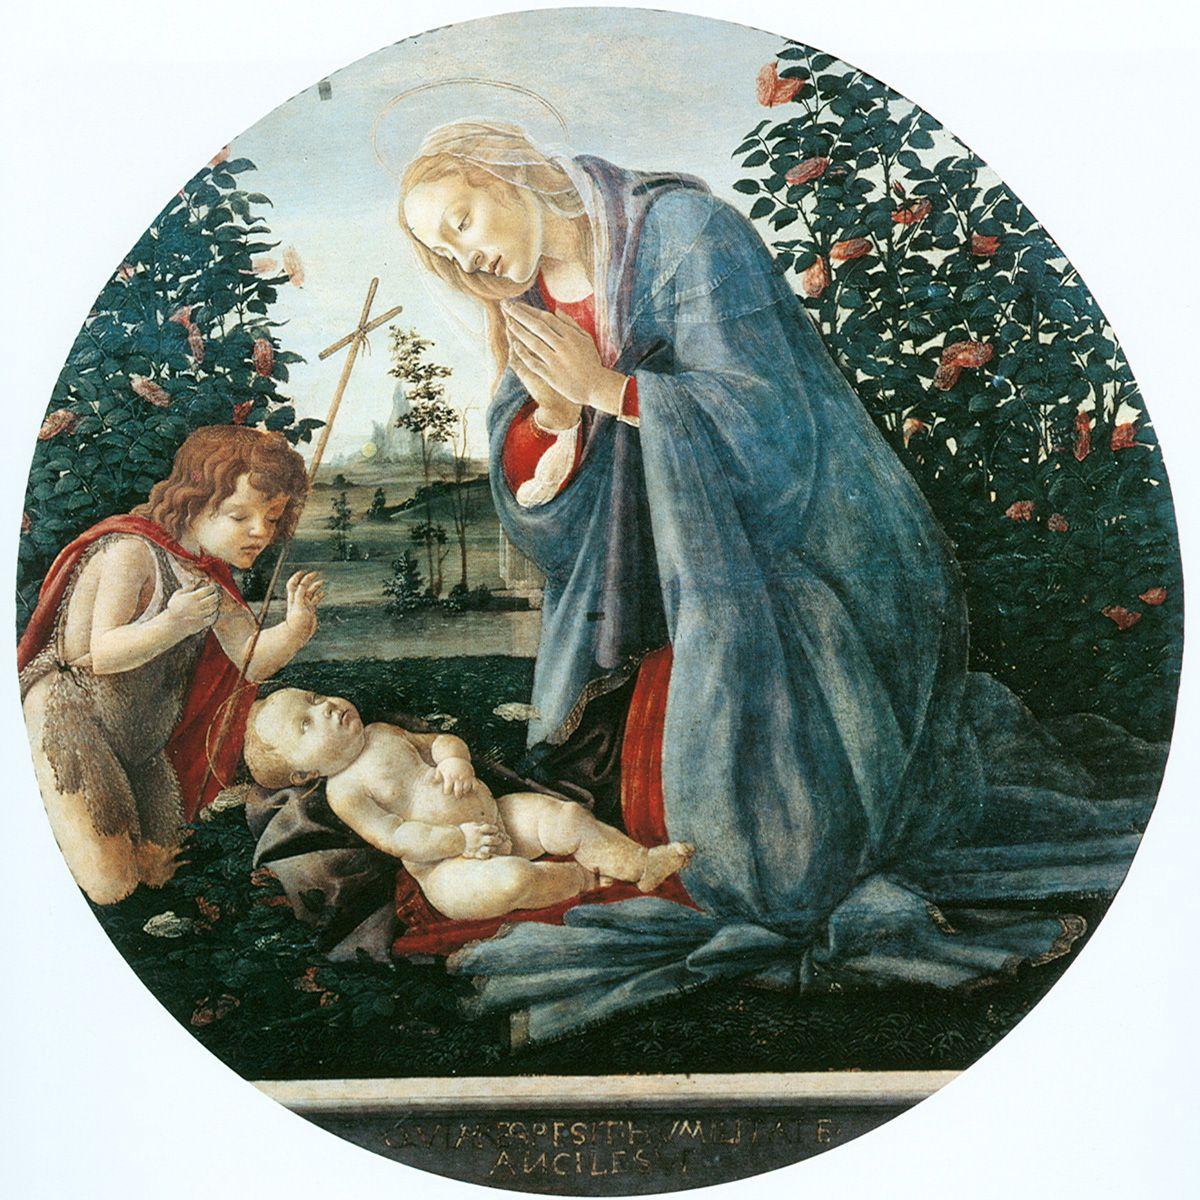 Sandro Botticelli (Alessandro di Mariano di Vanni Filipepi) (1445 -  1510). Virgin Adoring the Child Tempera on panel, about 1477 diameter: 96 cm. Museo Civico, Piacenza, Italy